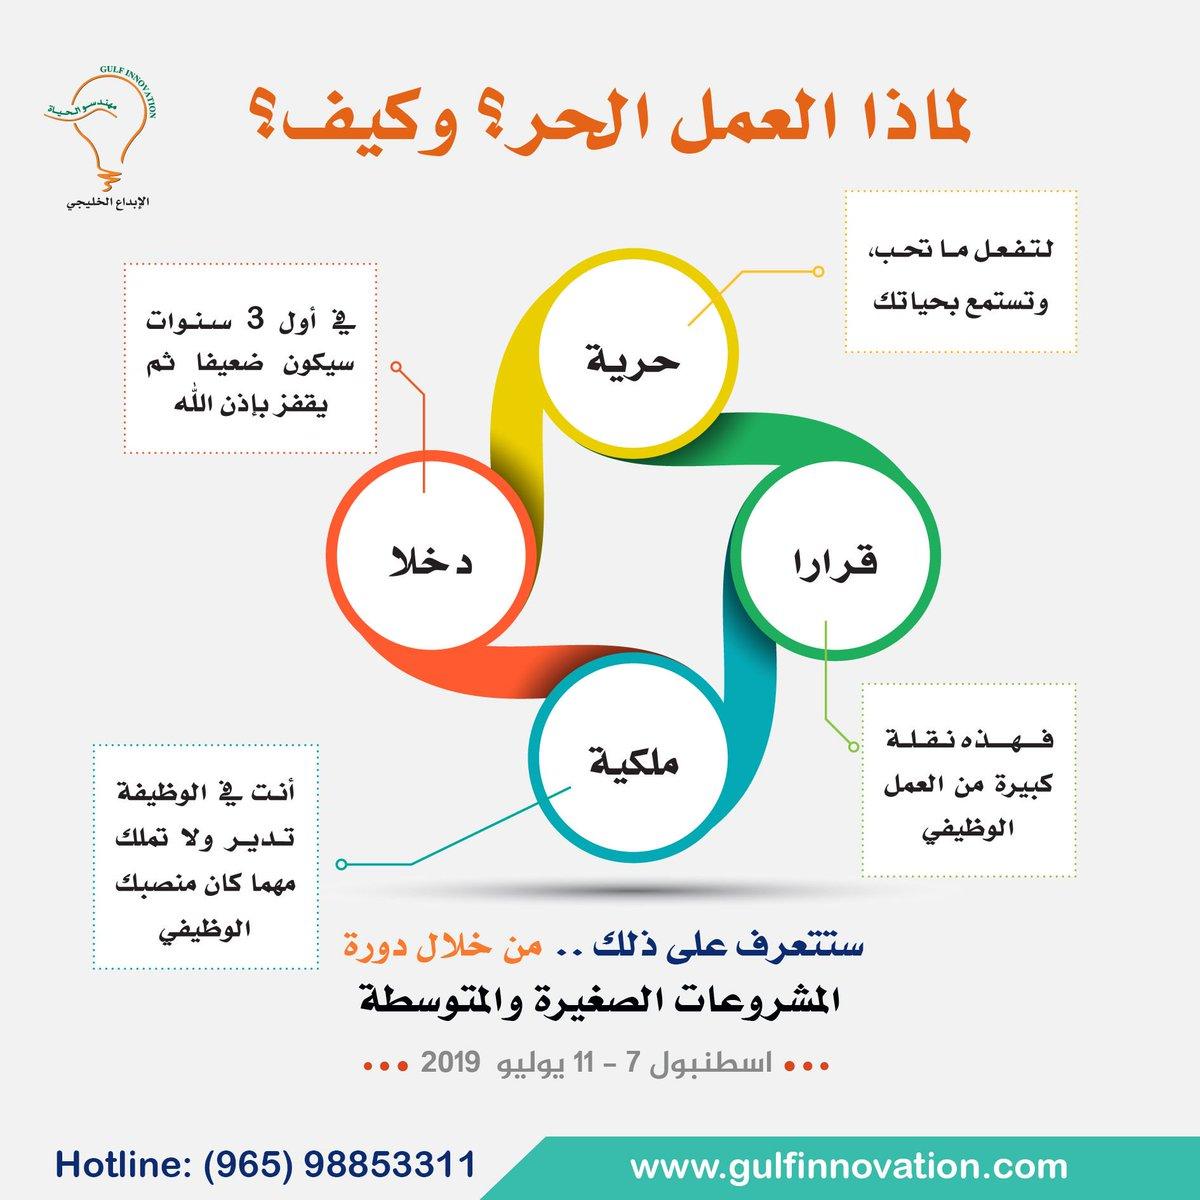 الإبداع الخليجي On Twitter سجل الآن في دورة المشاريع الصغيرة